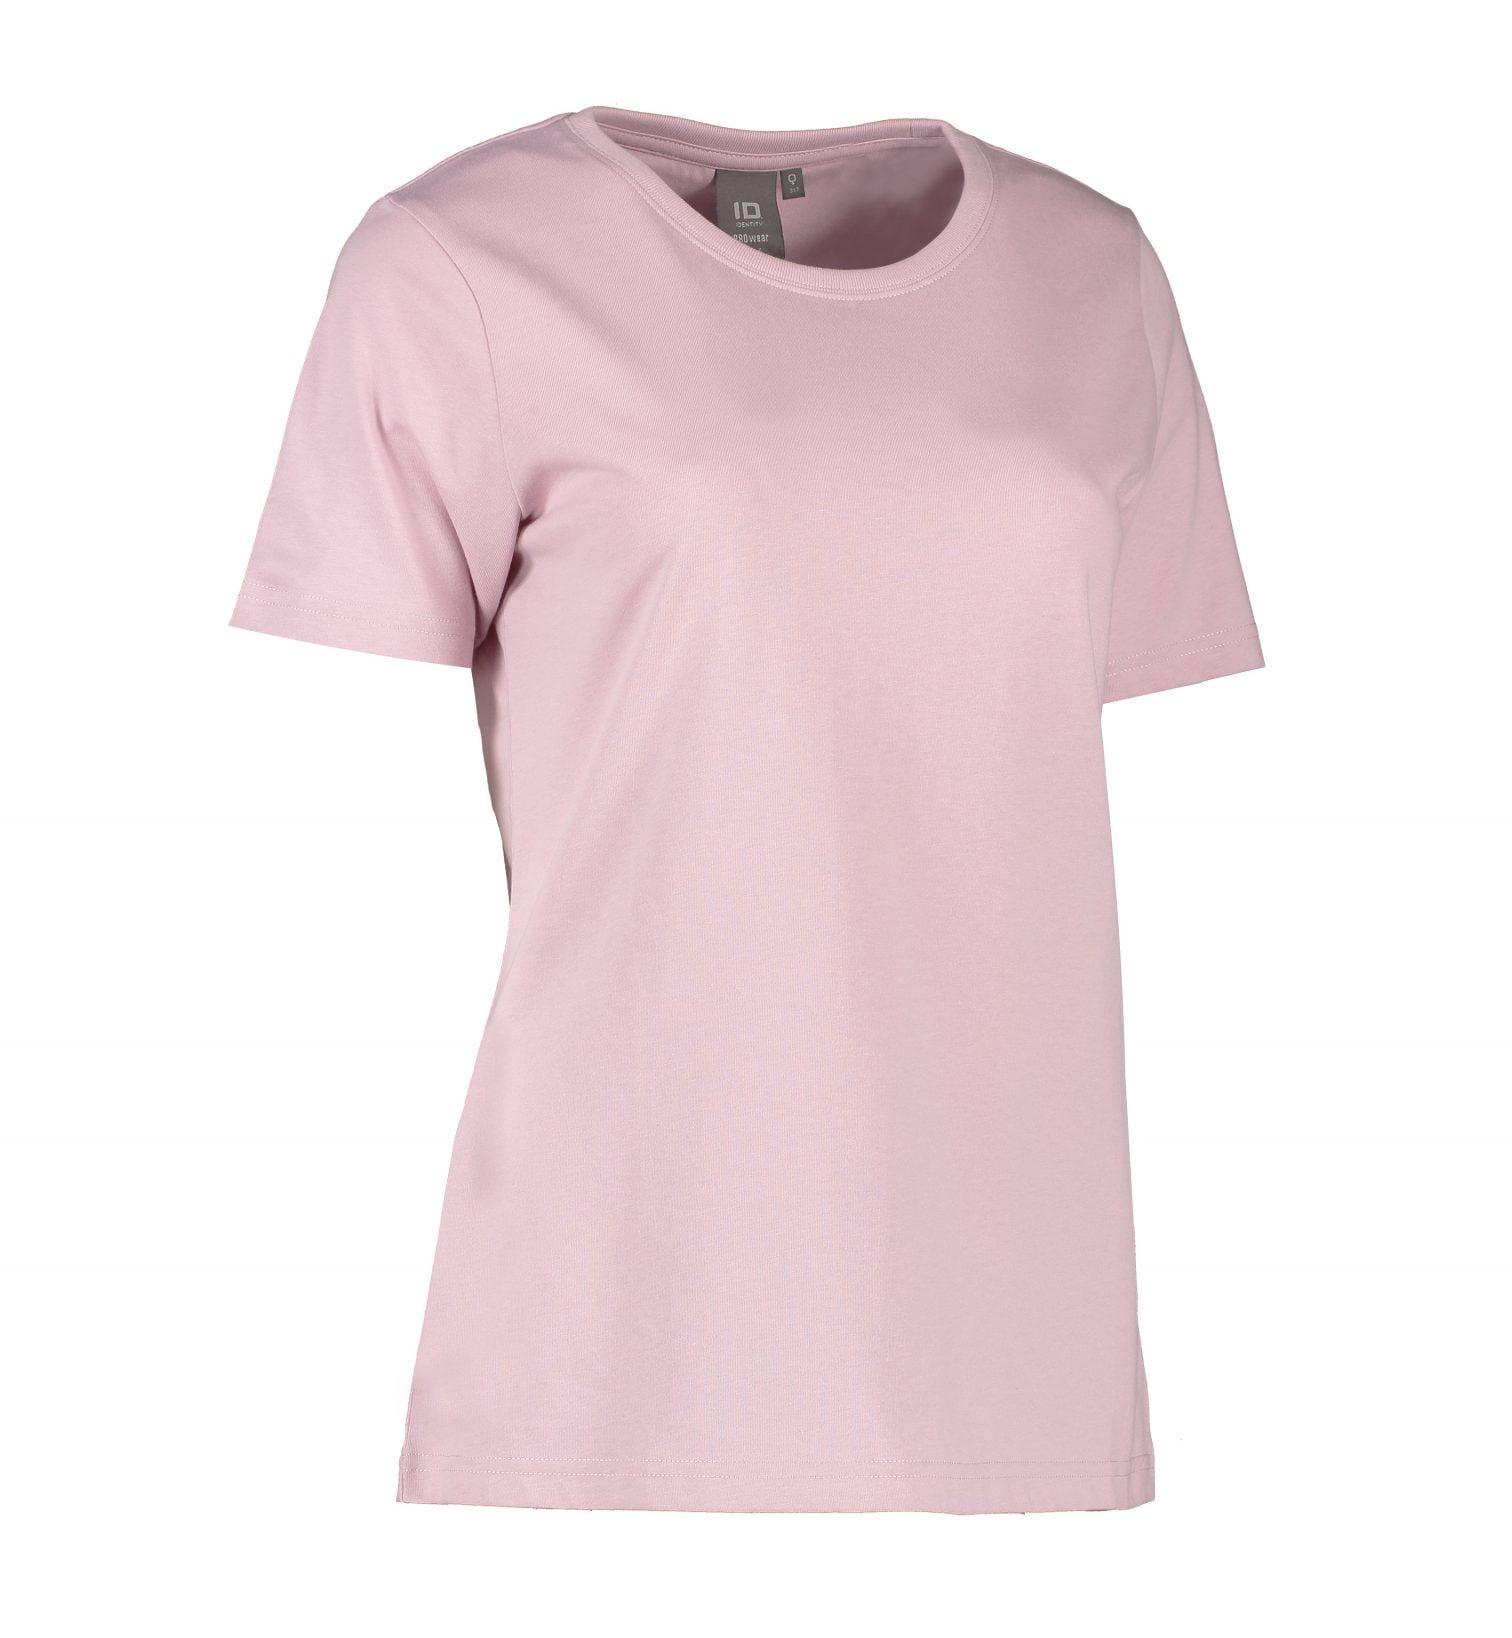 Pro wear t-shirt - mulighed for trykt eller broderet logo